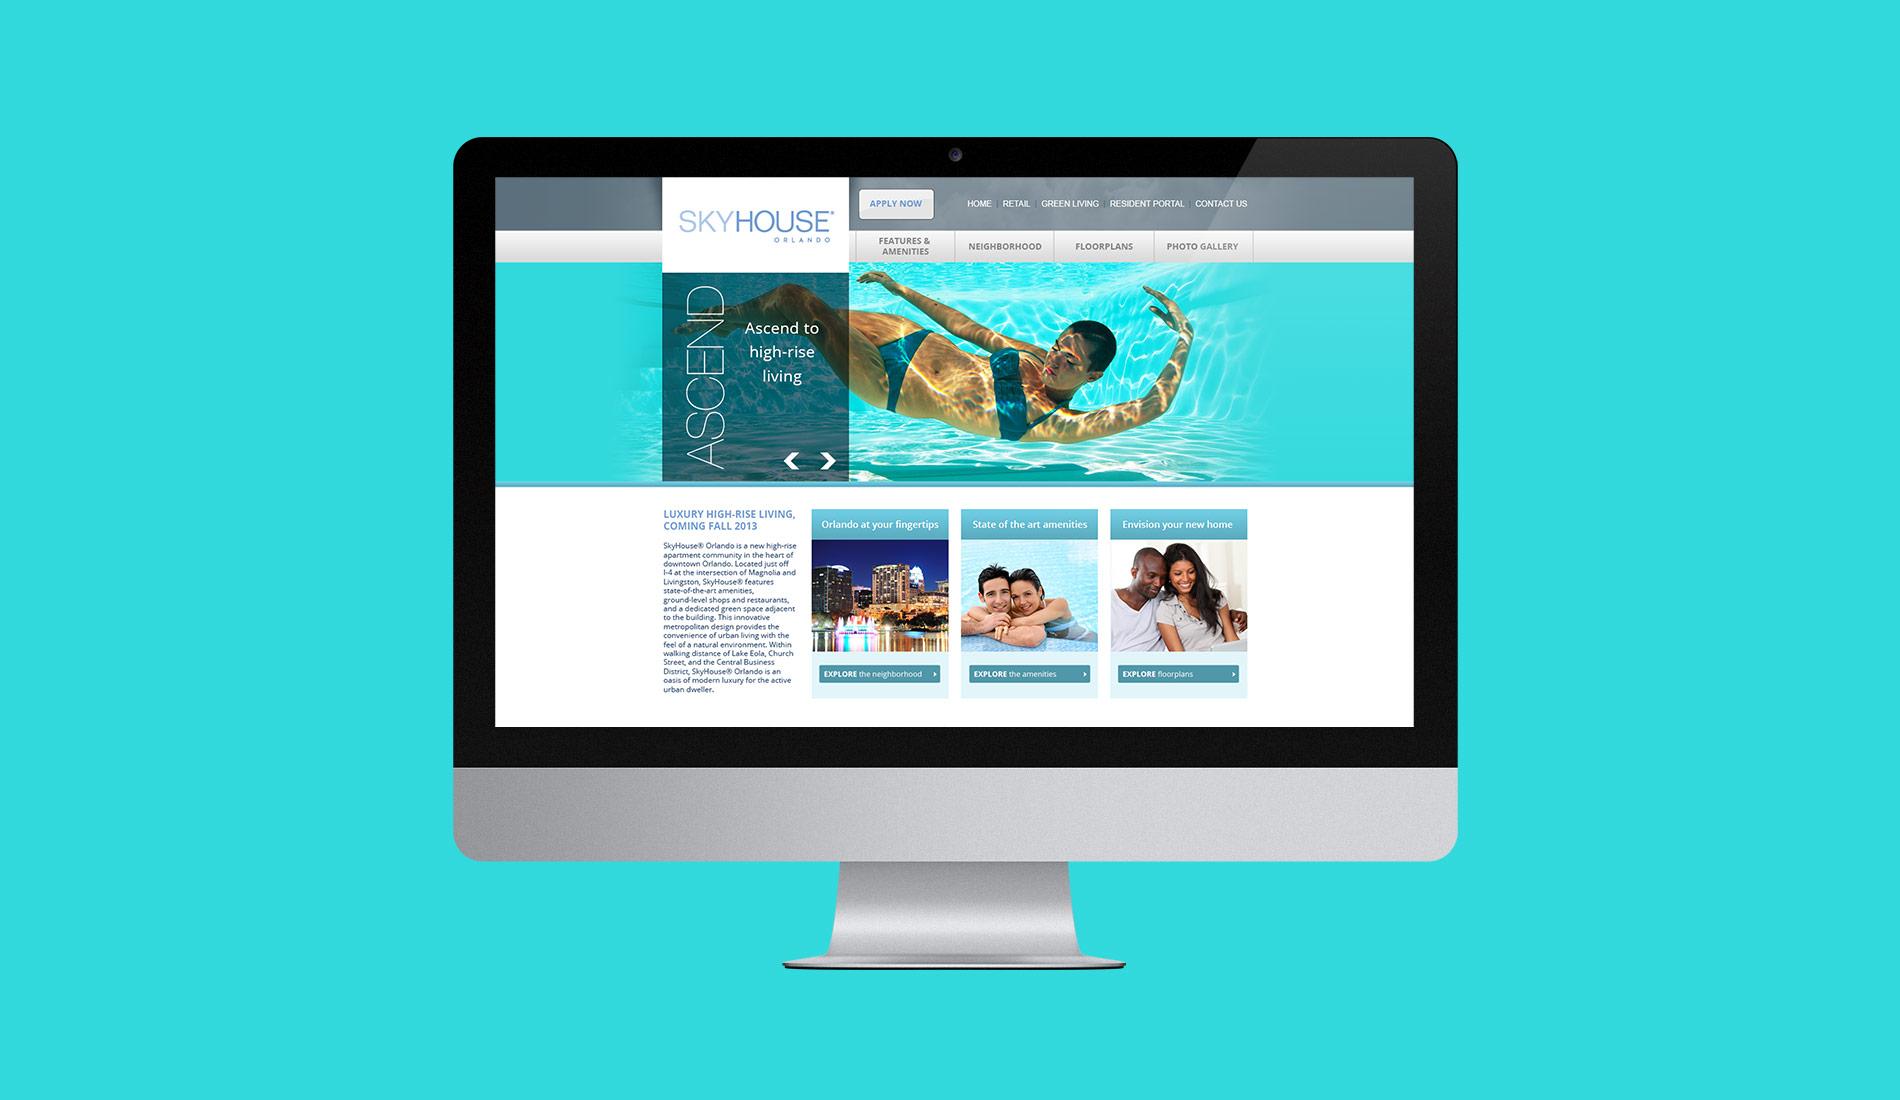 Web design for SkyHouse Orlando